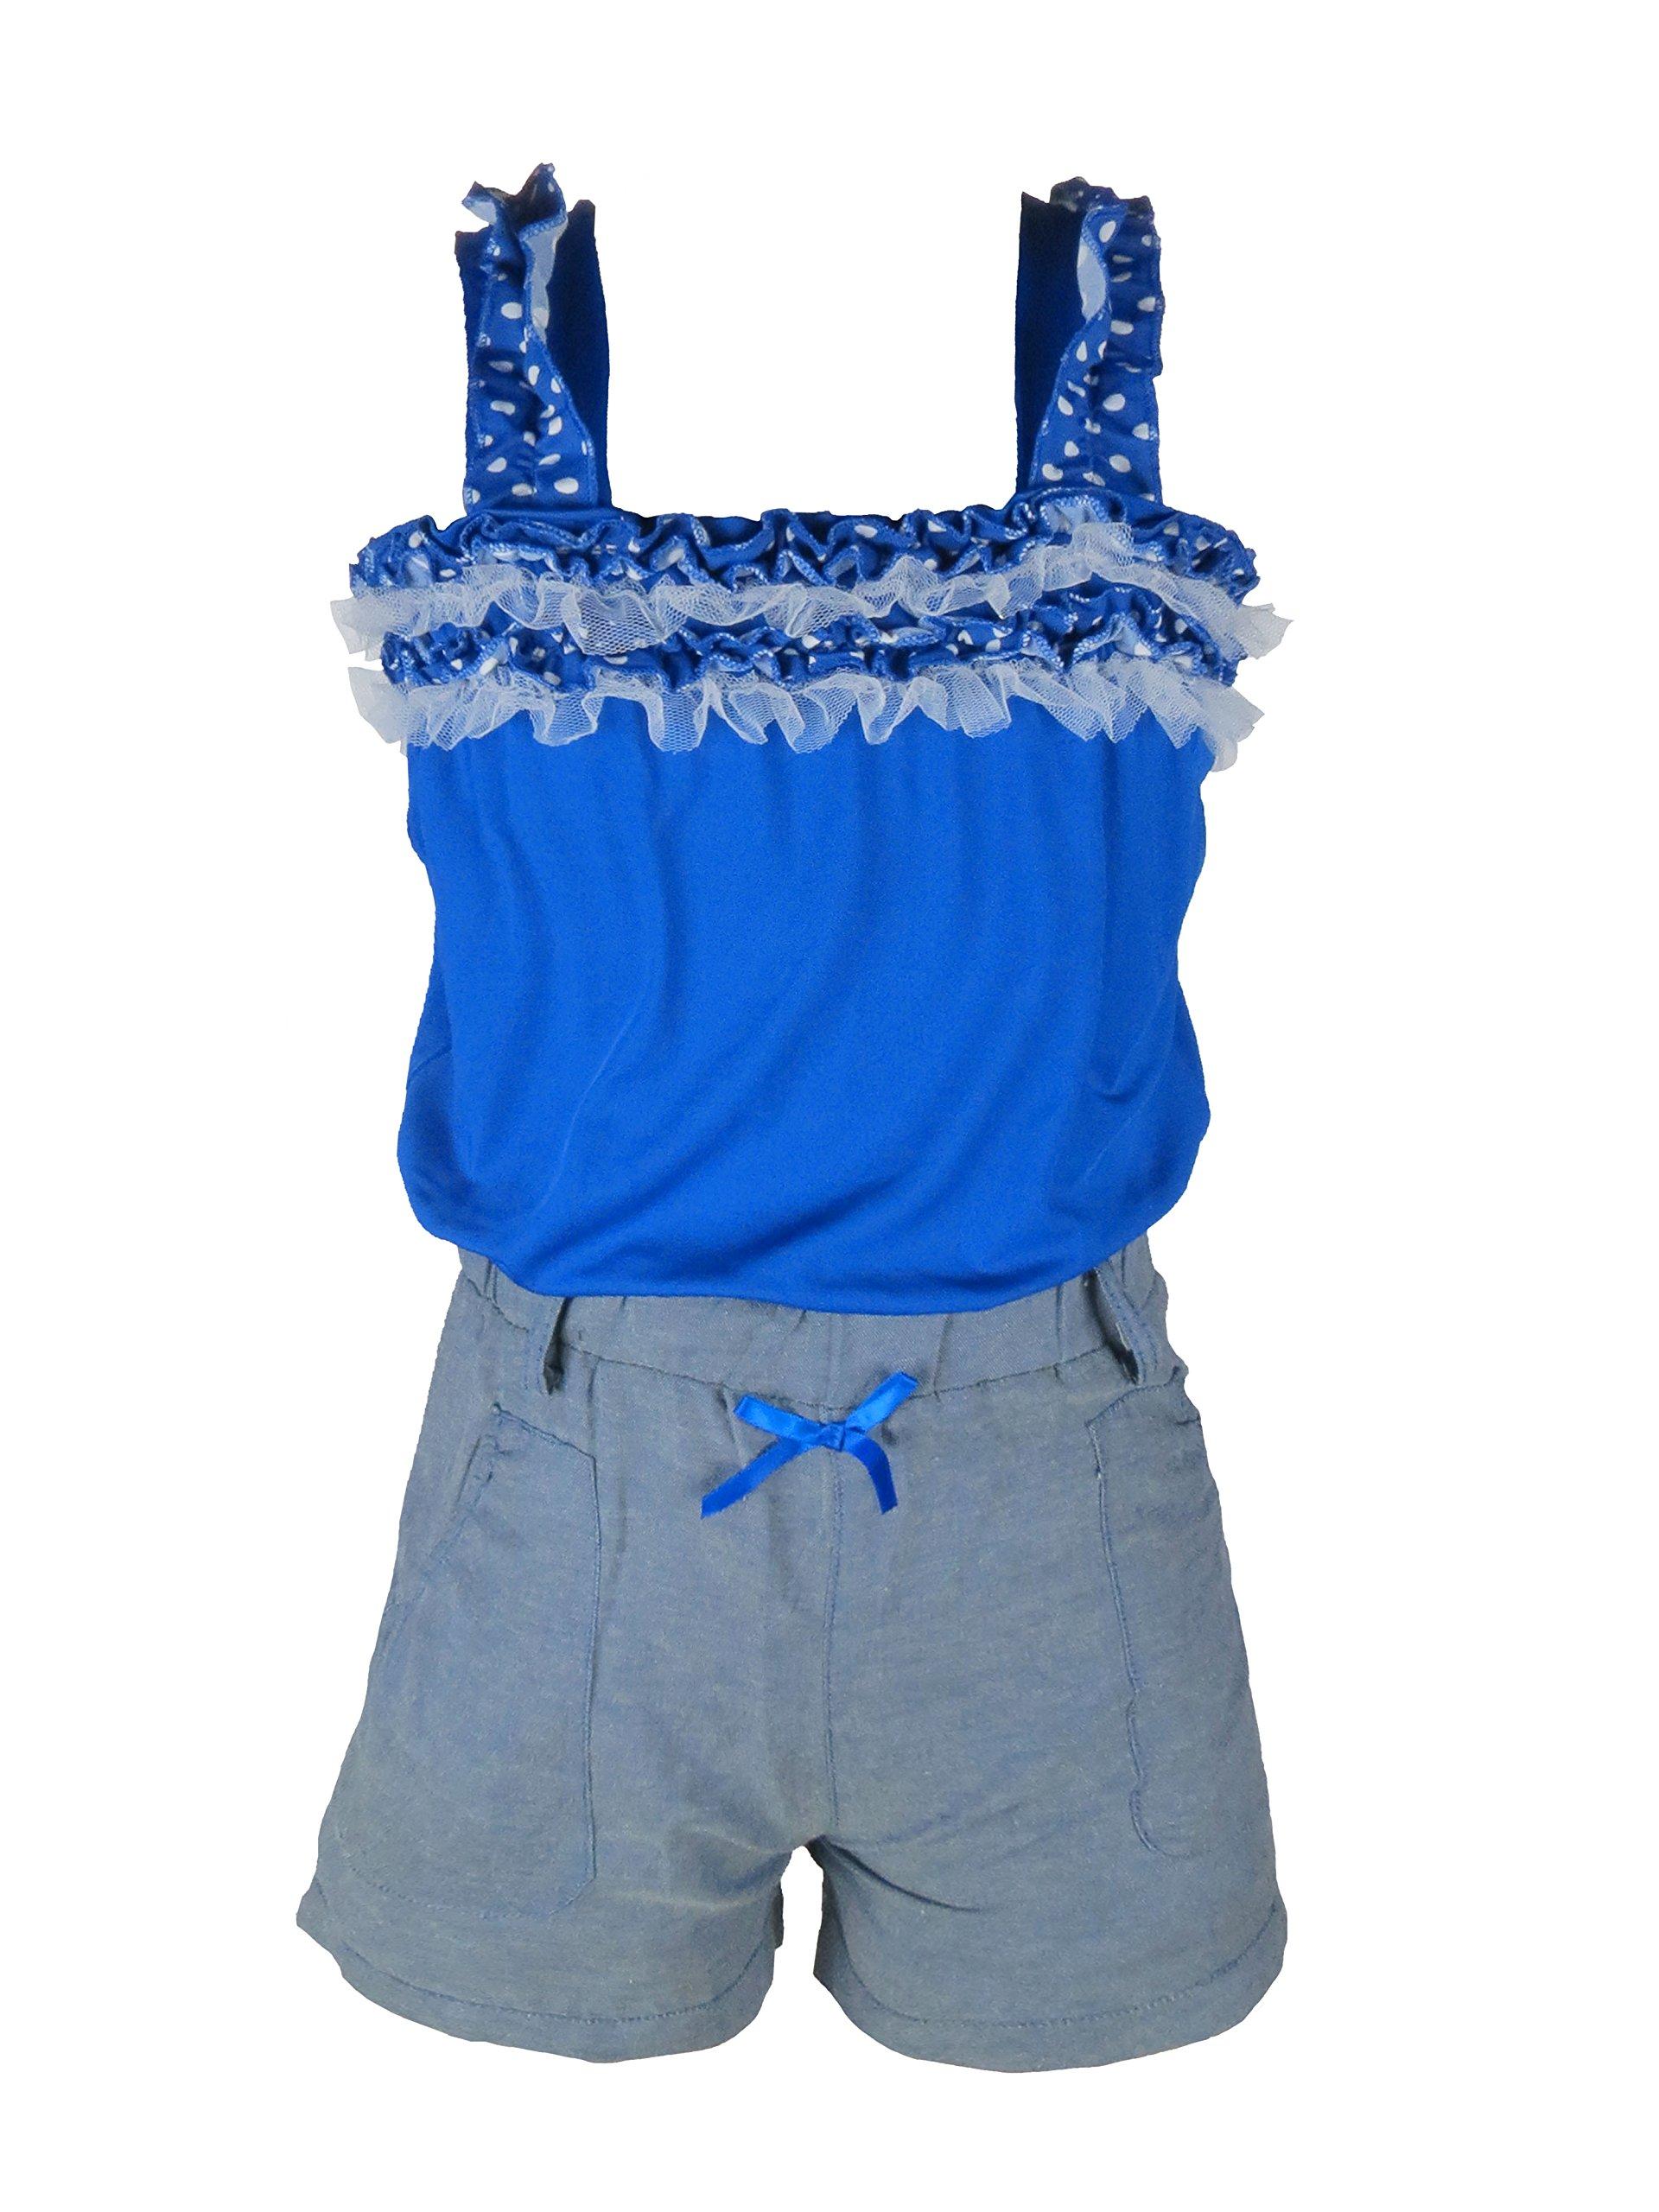 Crush Girls Polka Print Romper with Denim Shorts Bottom Royal Size 14/16